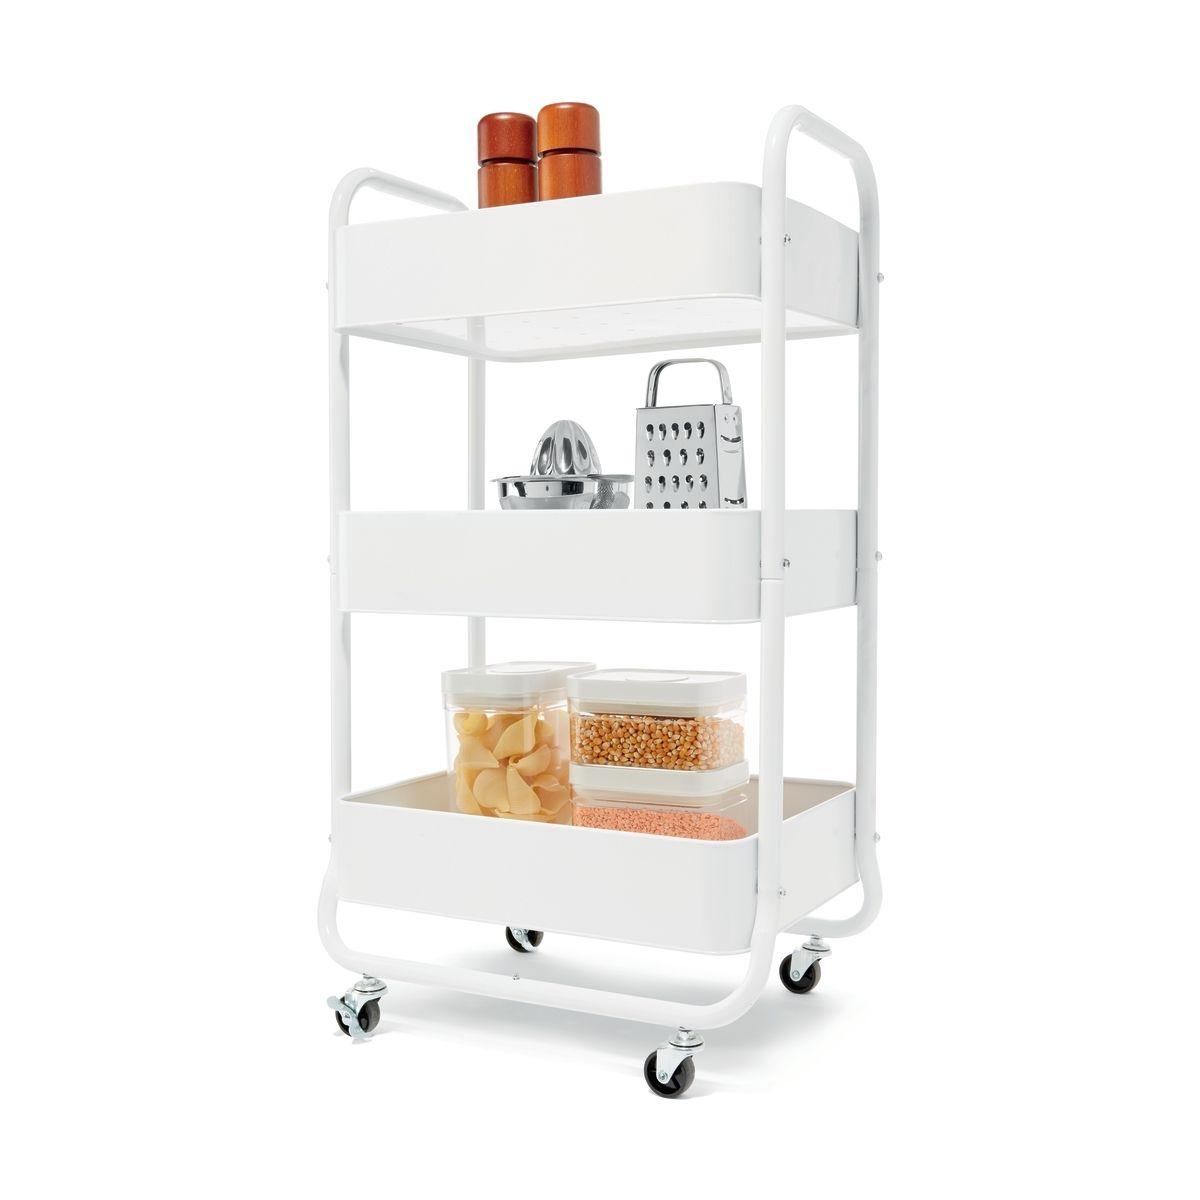 3 tier kitchen trolley kmartnz kitchen trolley design